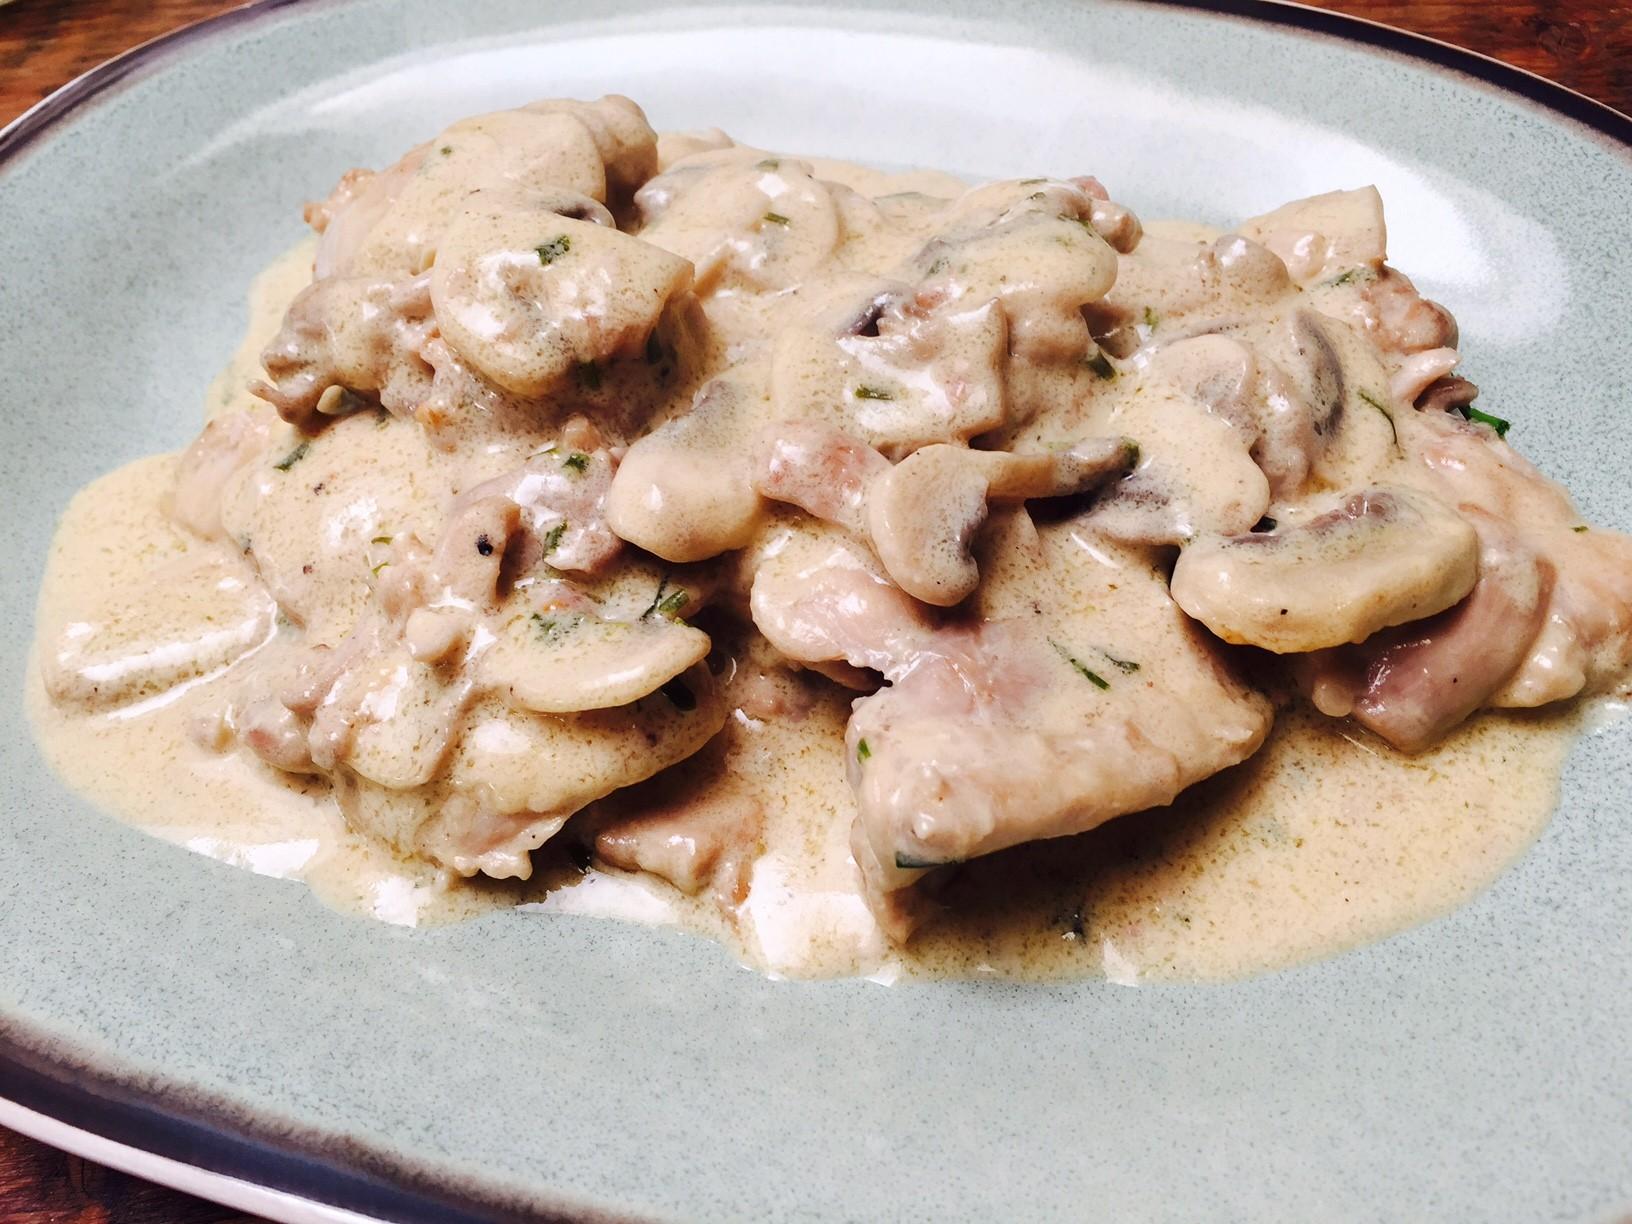 Stoofschotel kip in witte wijn saus met champignons recept van foodblog Foodinista